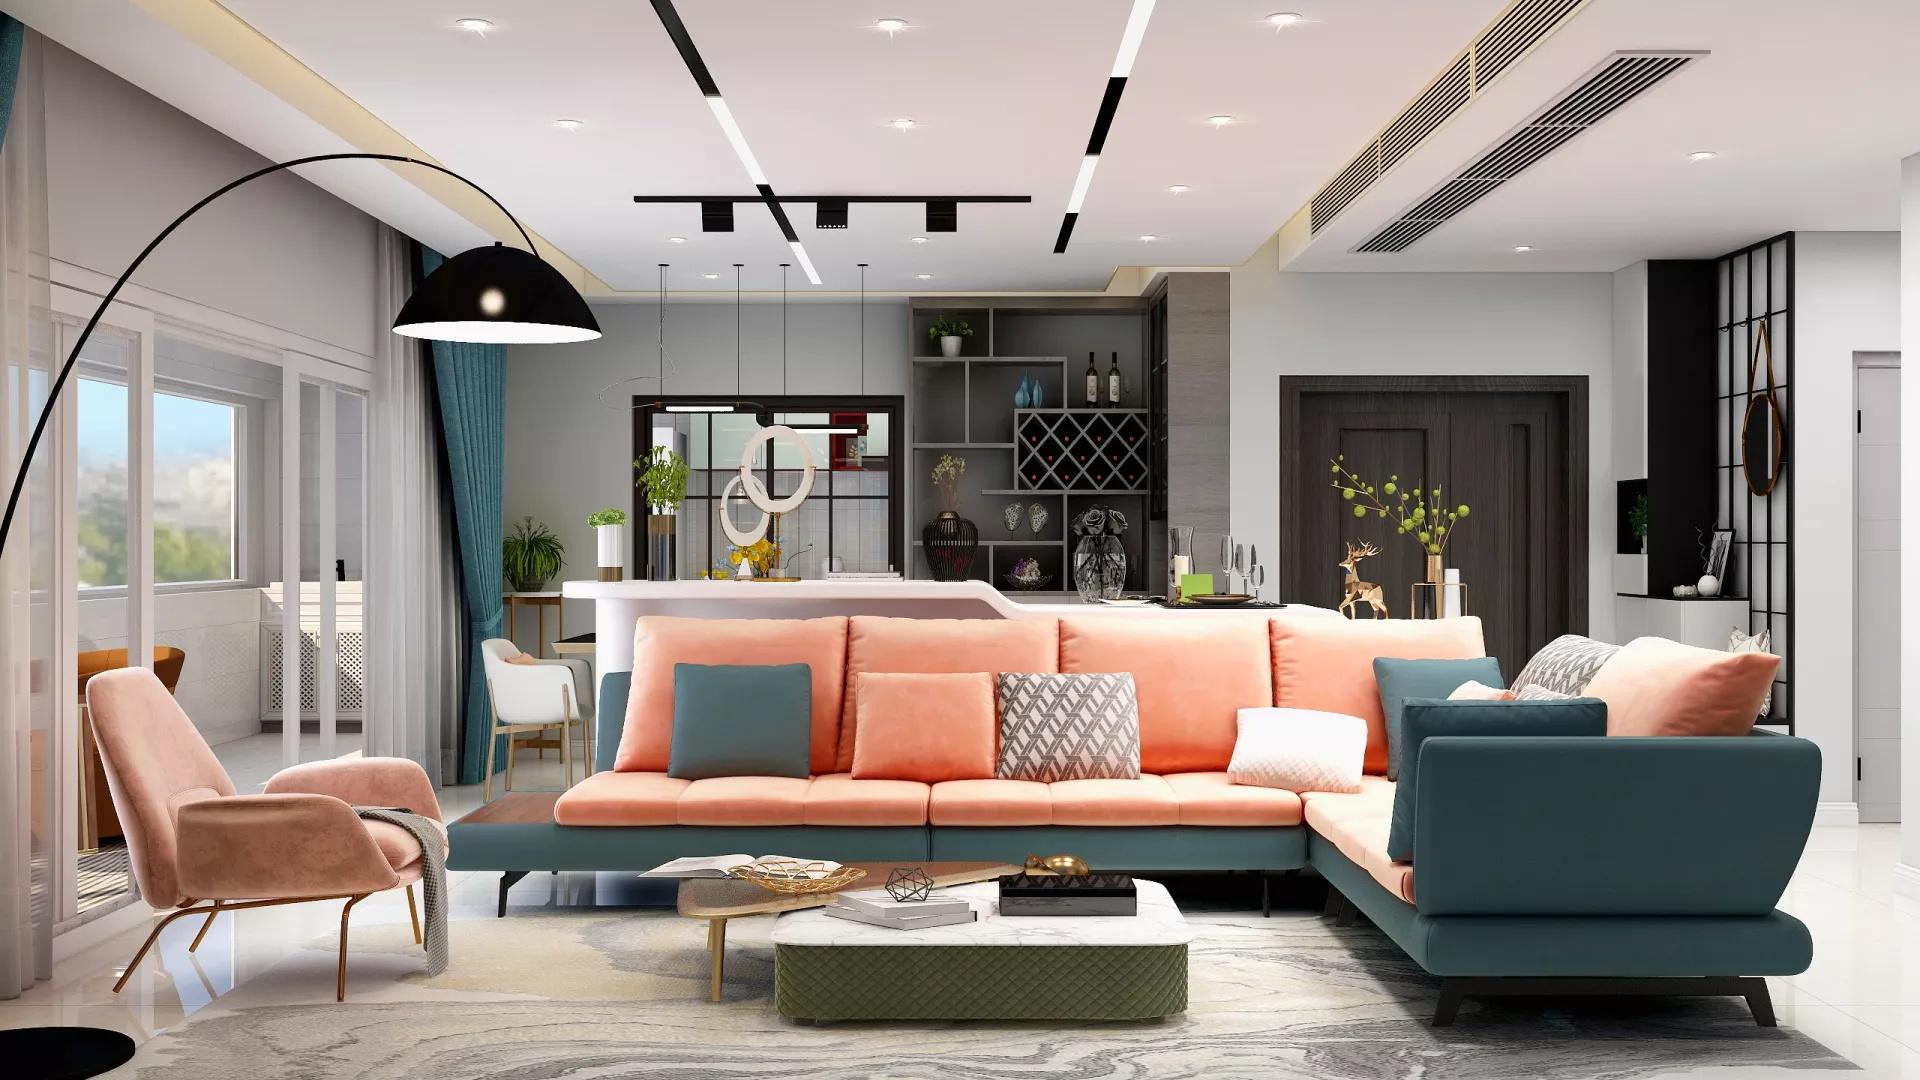 单身公寓怎么装修 单身公寓装修设计要点解析